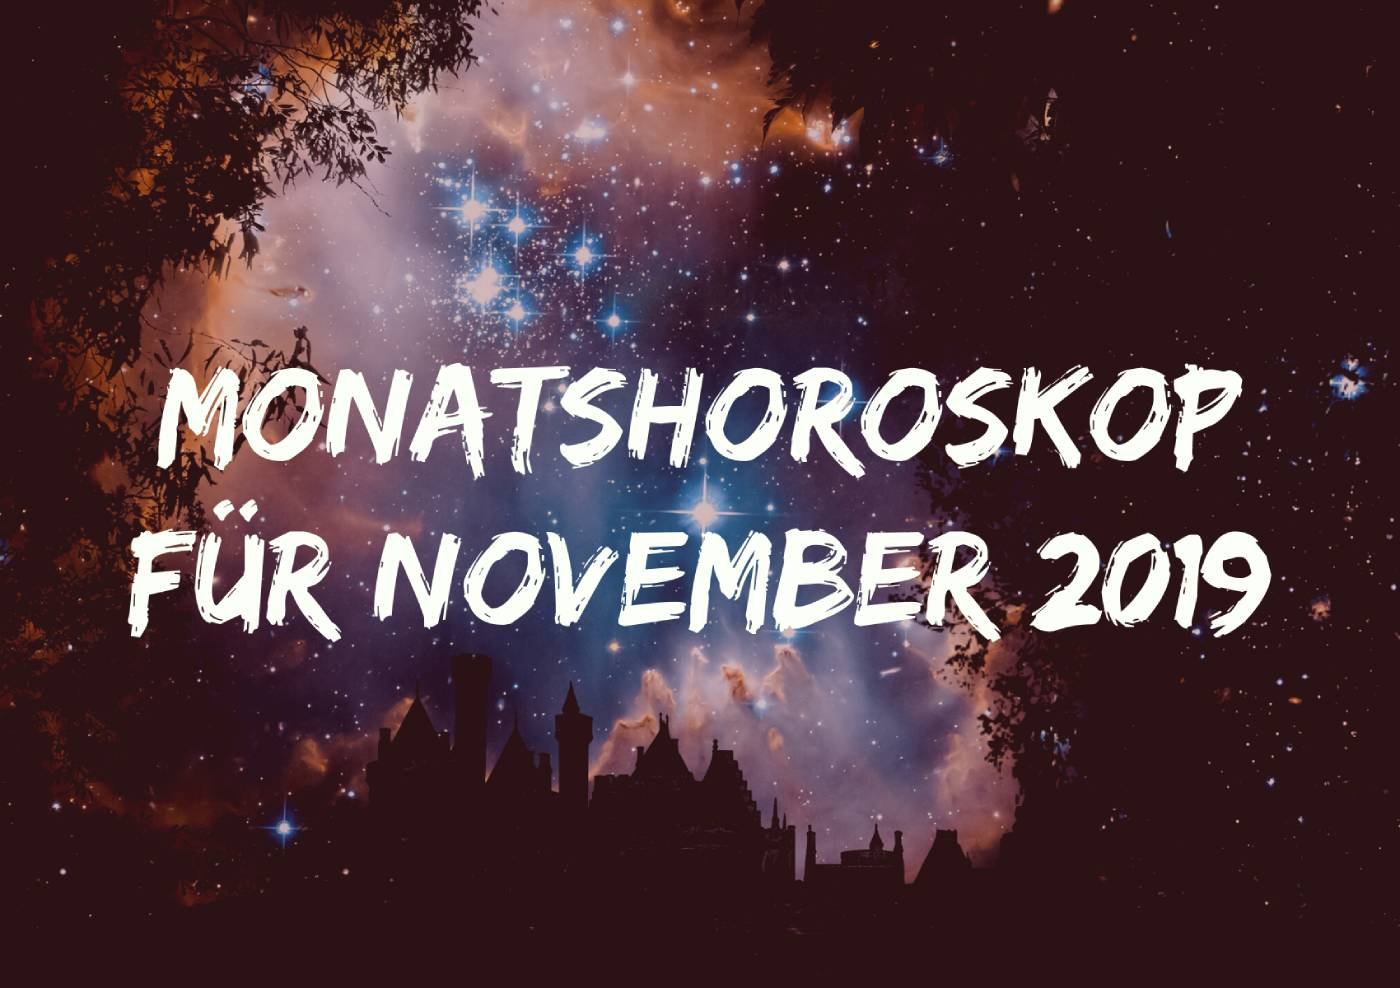 Monatshoroskop für November 2019